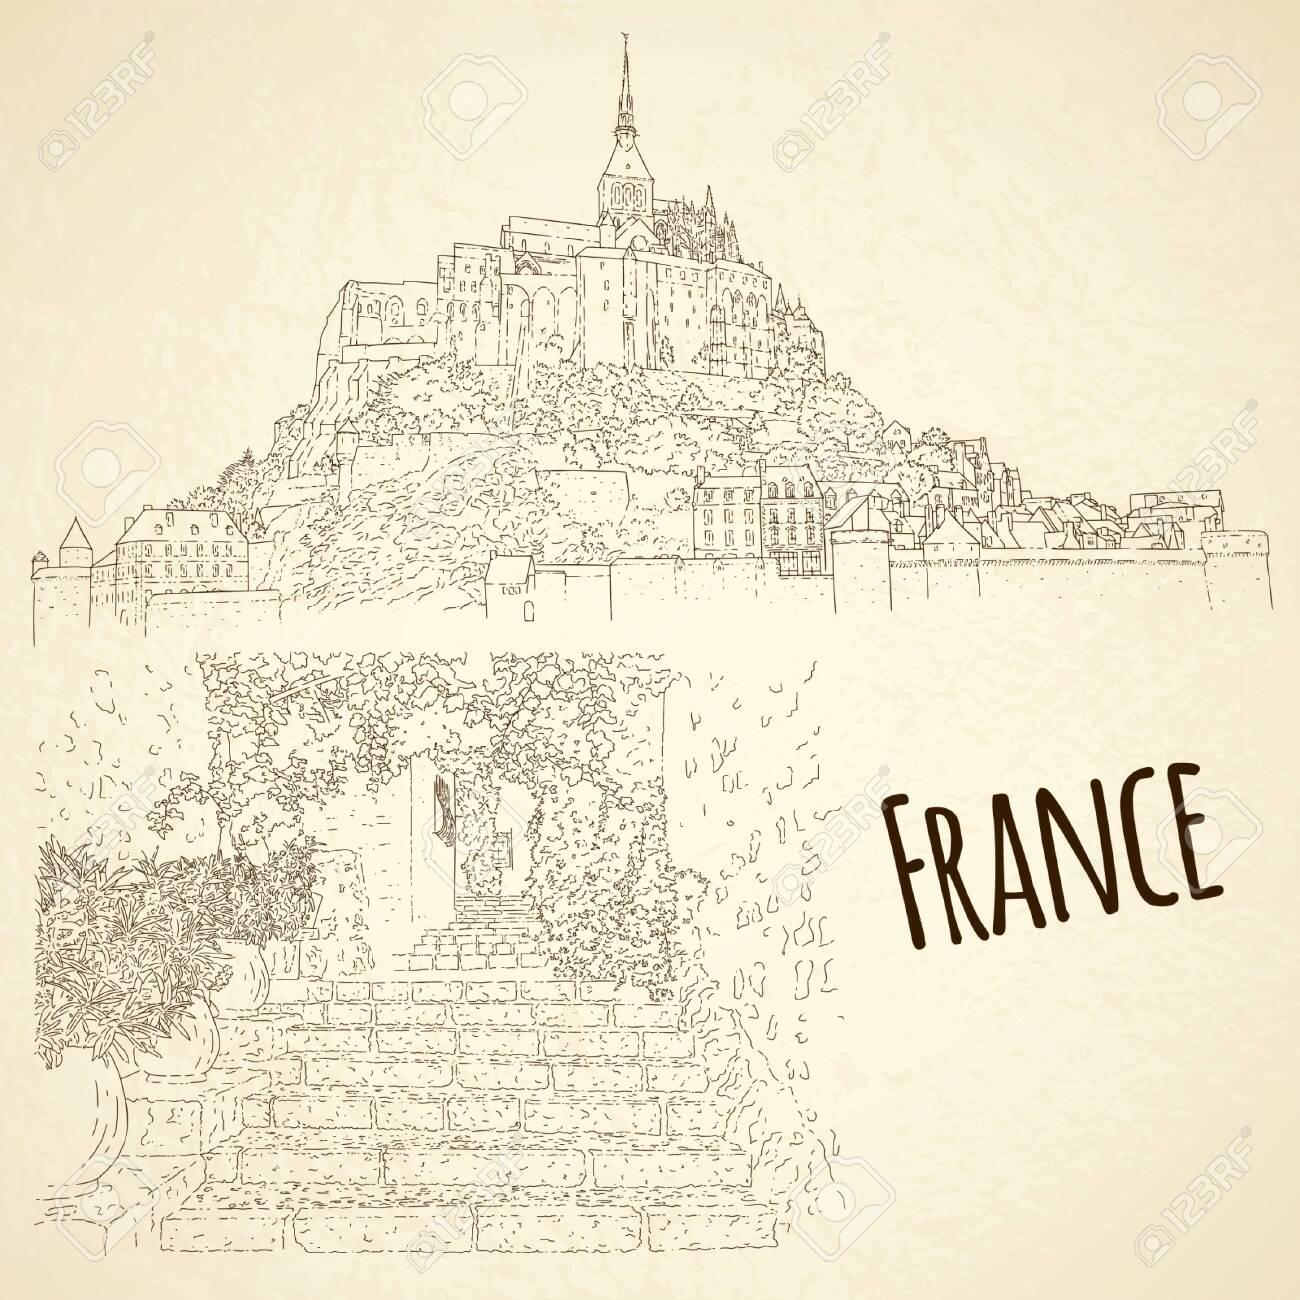 Set of city sketching. Line art silhouette. Travel card. Tourism concept. France, Saint-Paul-de-Vence, Mont Saint-Michel. Vector illustration. - 148206424